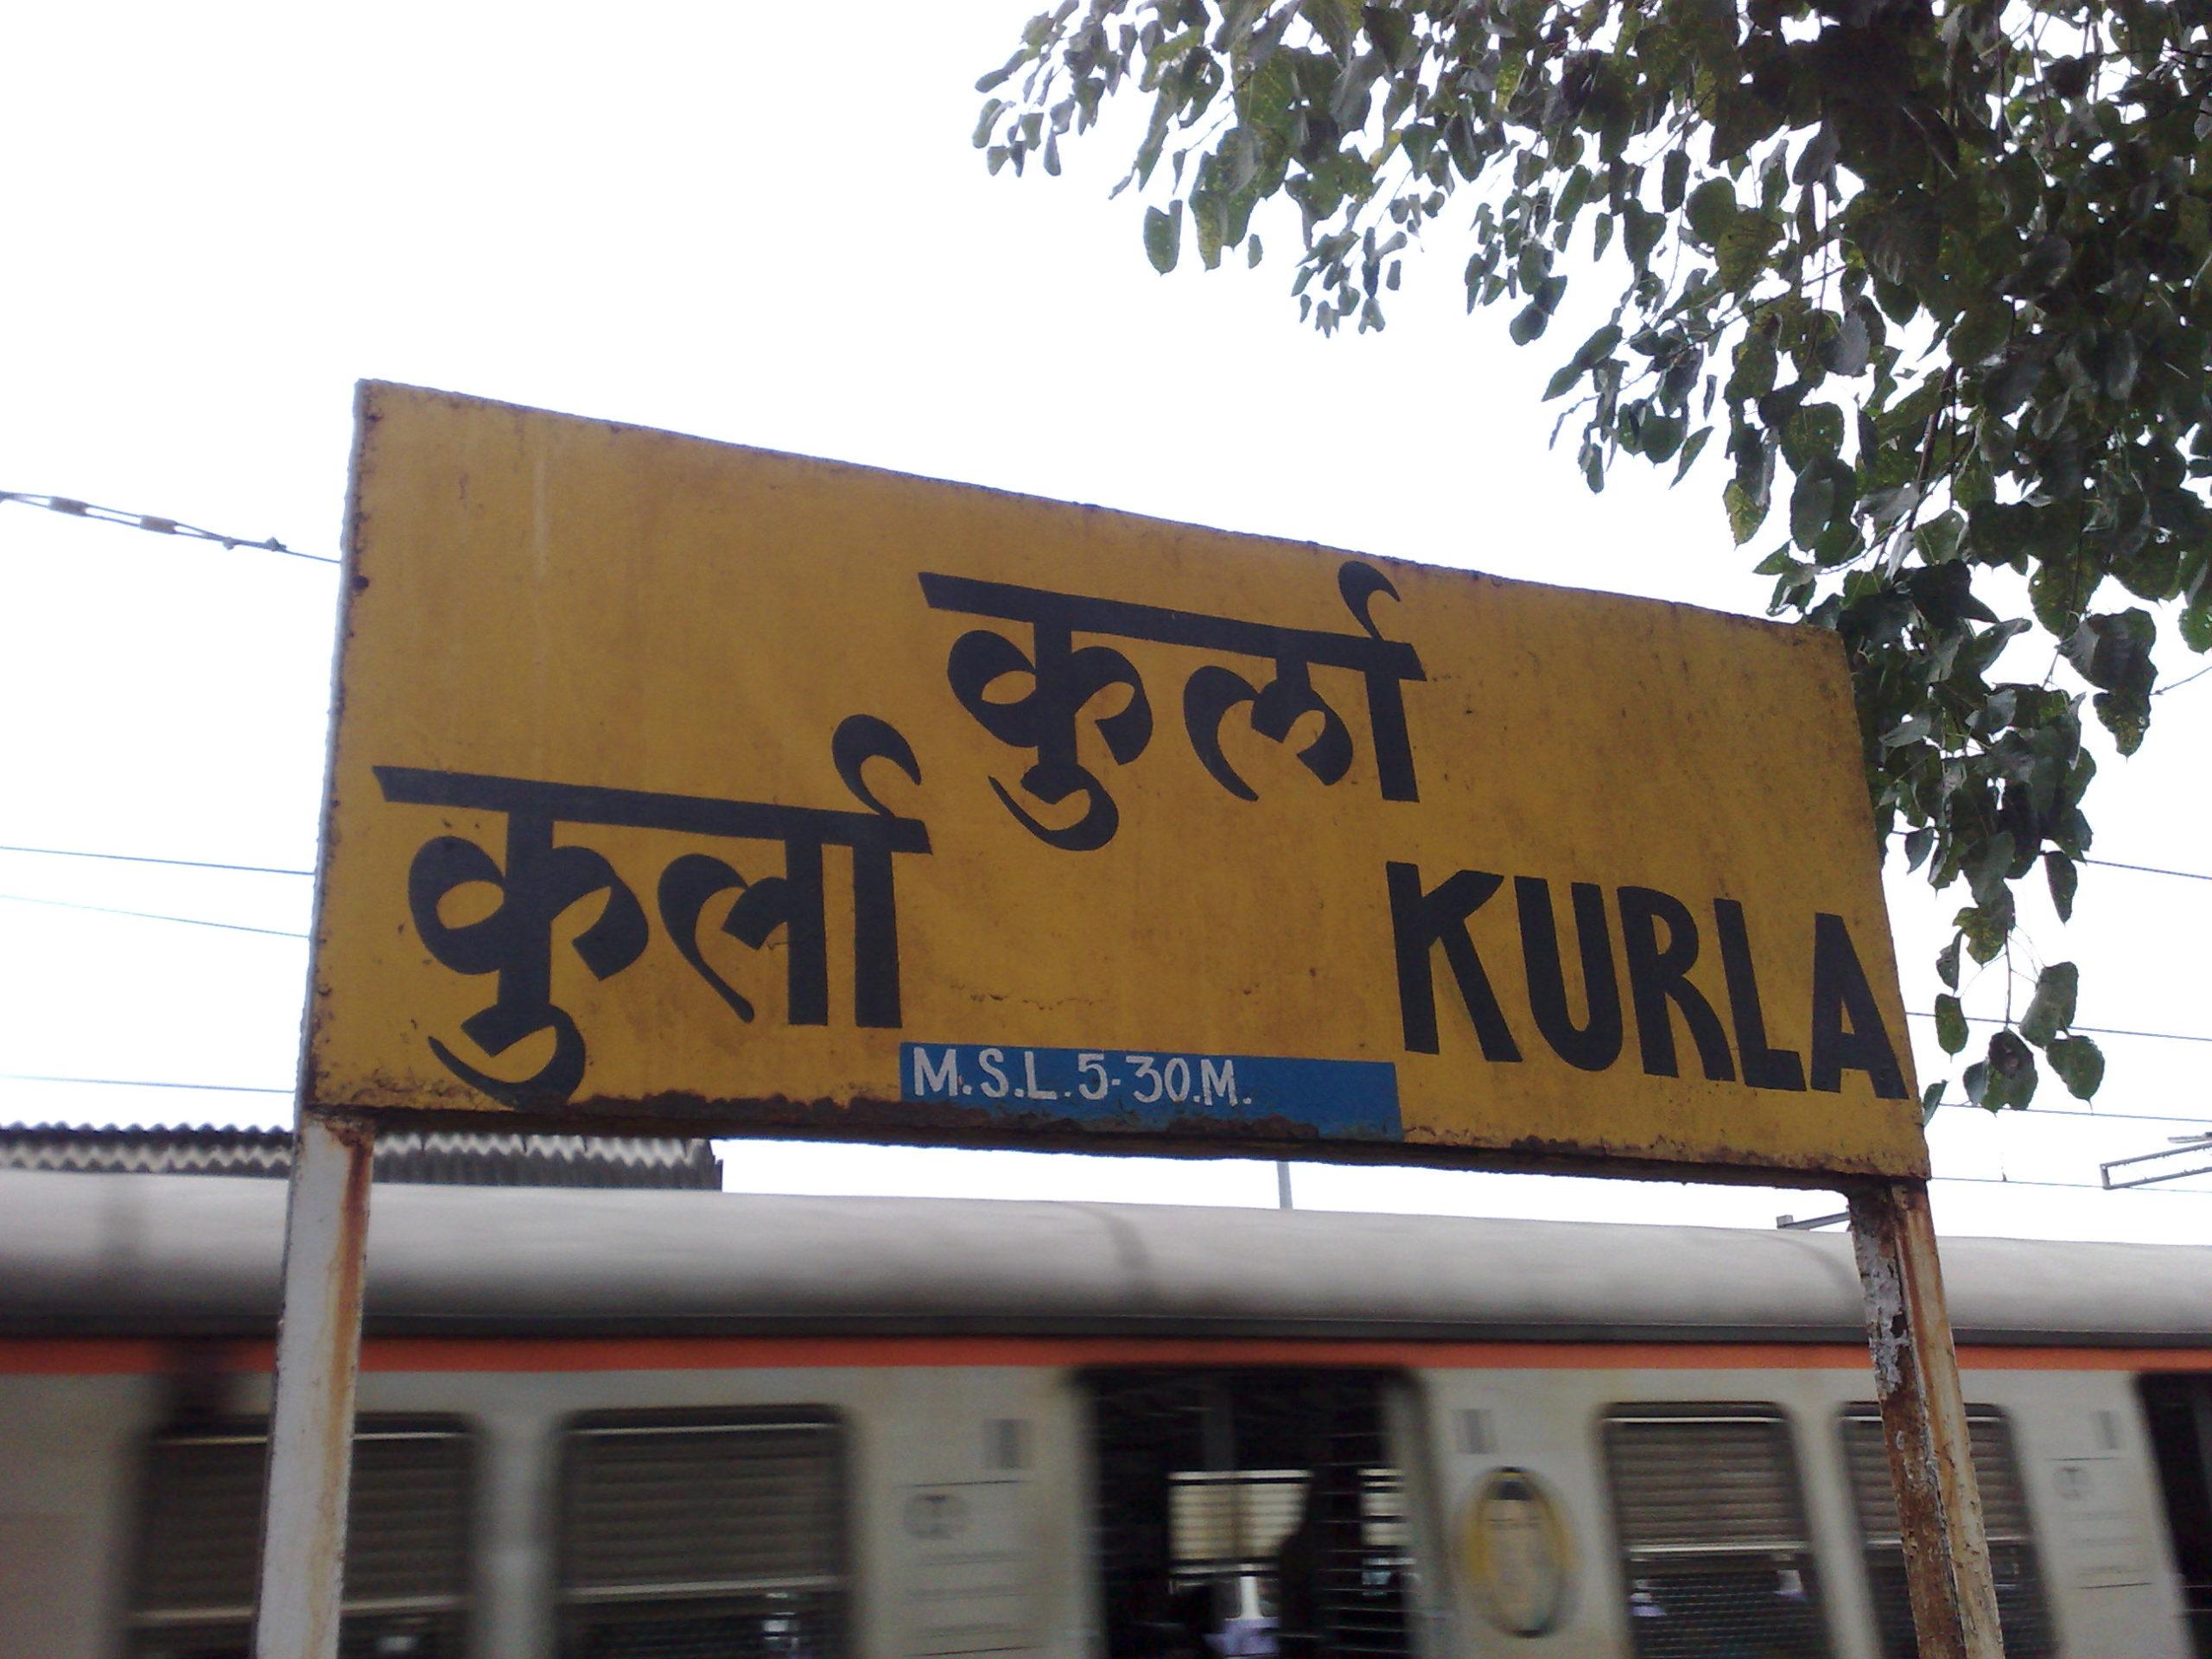 Kurla_railway_station inmarathi